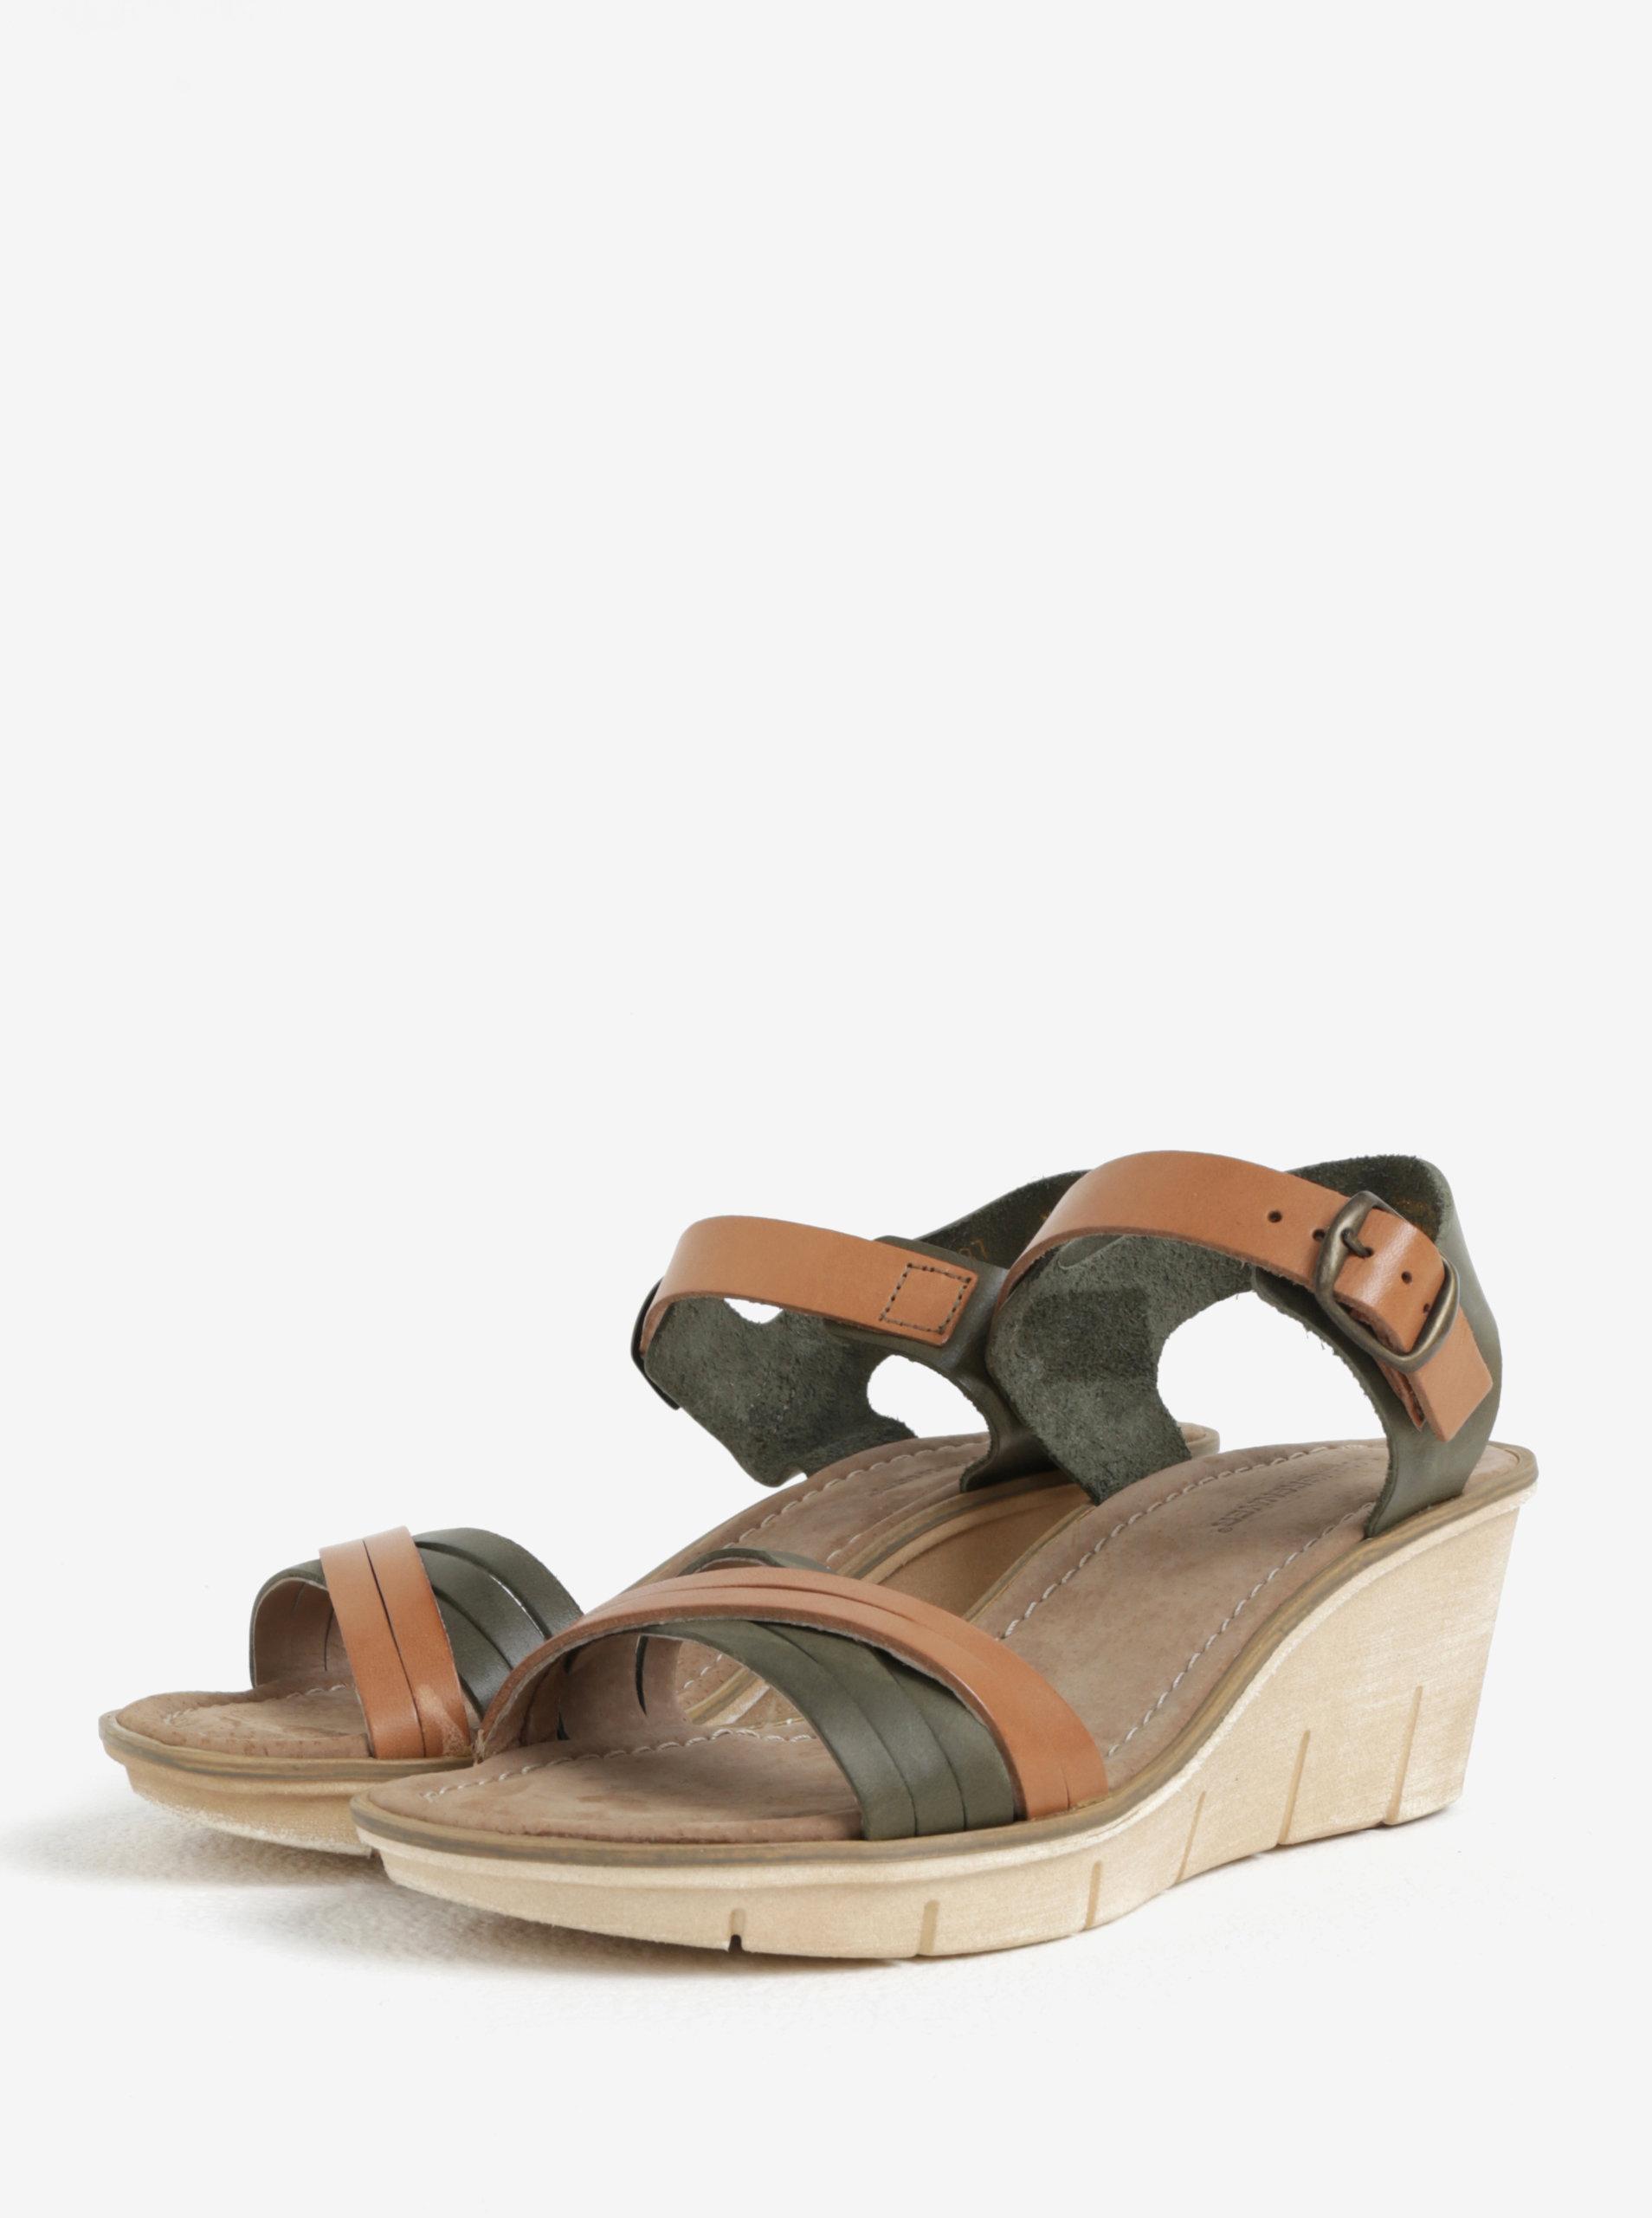 9ff8f2657e3e Hnedo-zelené dámske kožené sandálky na platforme Weinbrenner ...